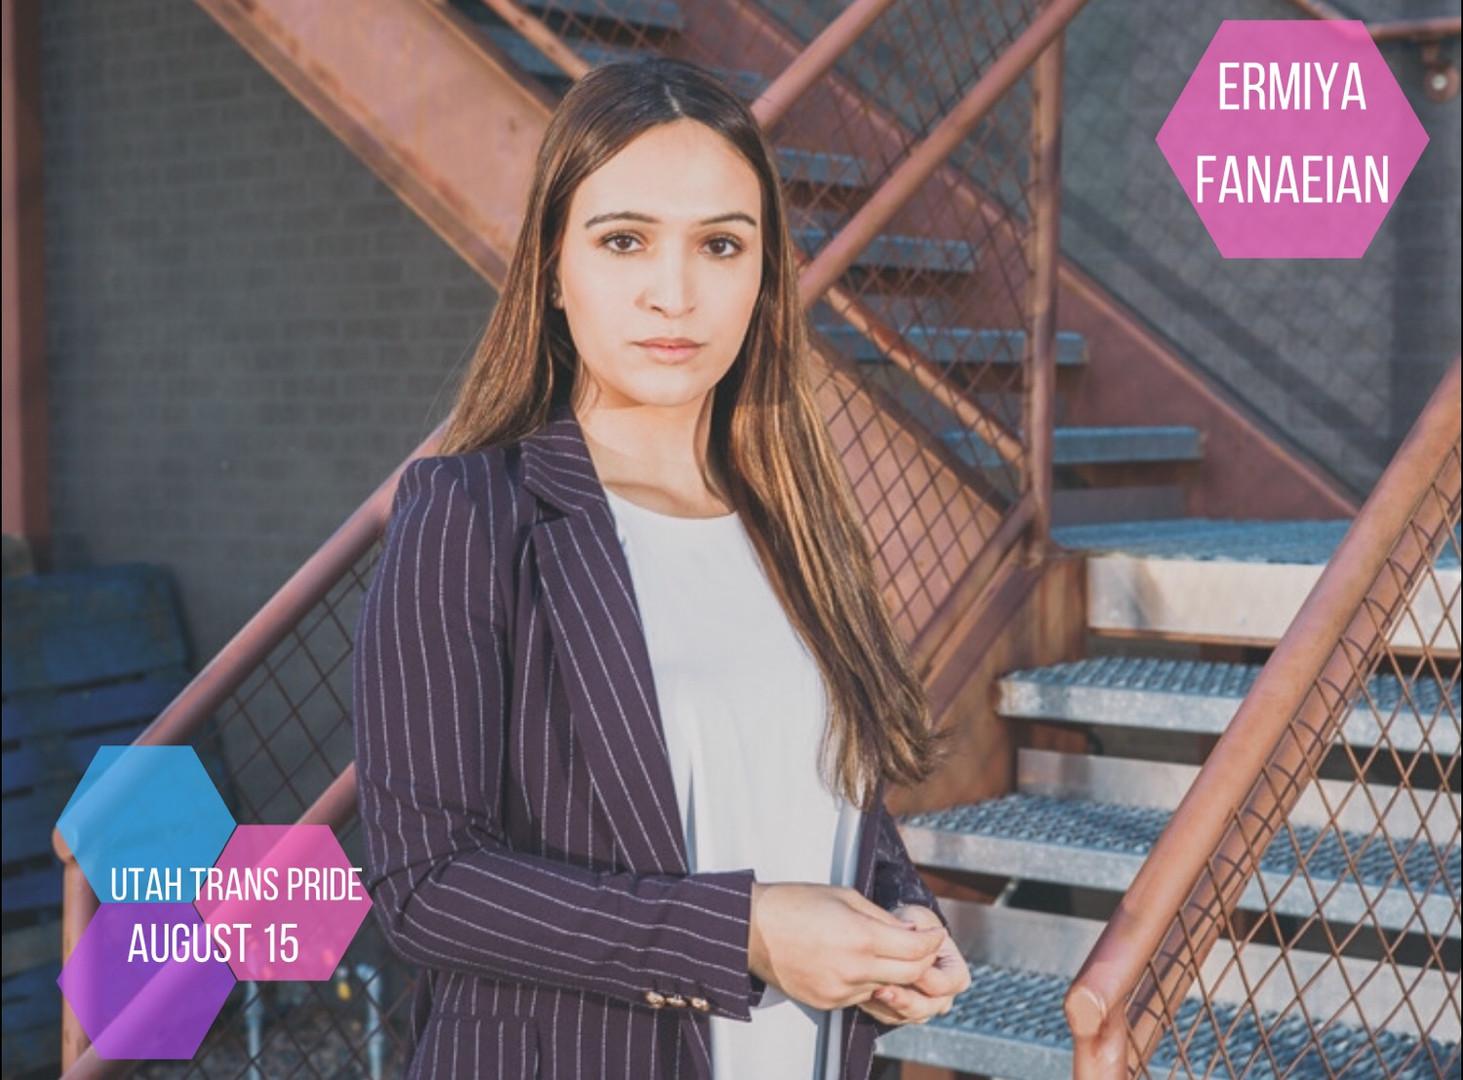 Ermiya Fanaeian